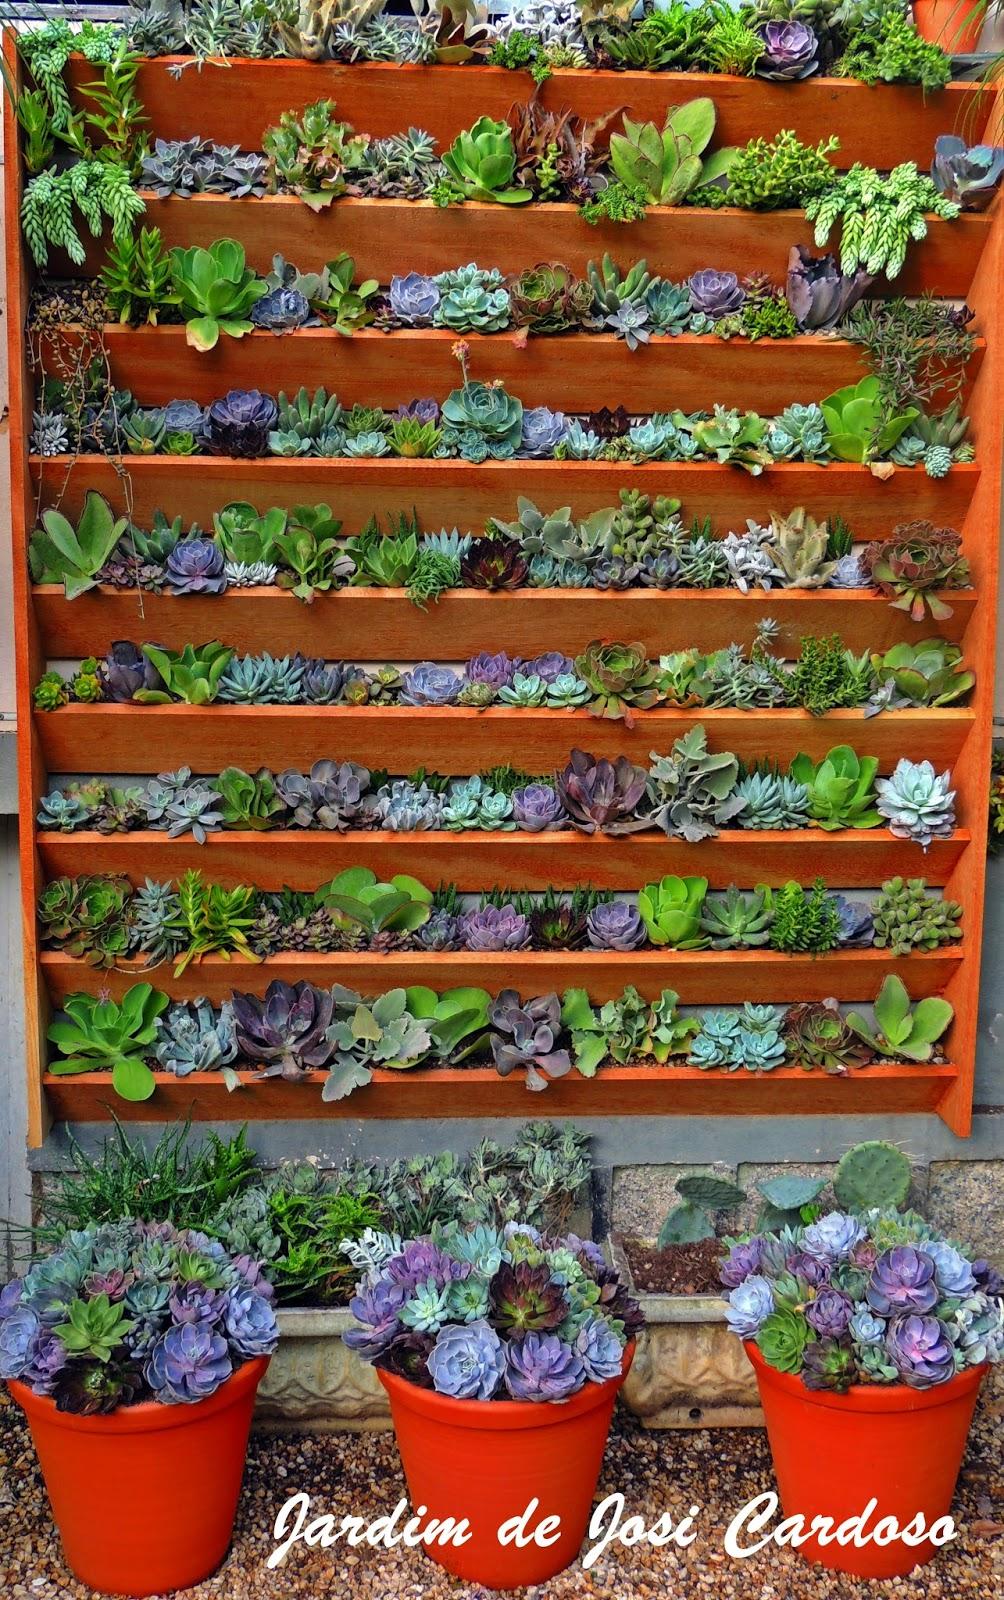 jardim plantas suculentasJardim de Josi Cardoso Passo a Passo